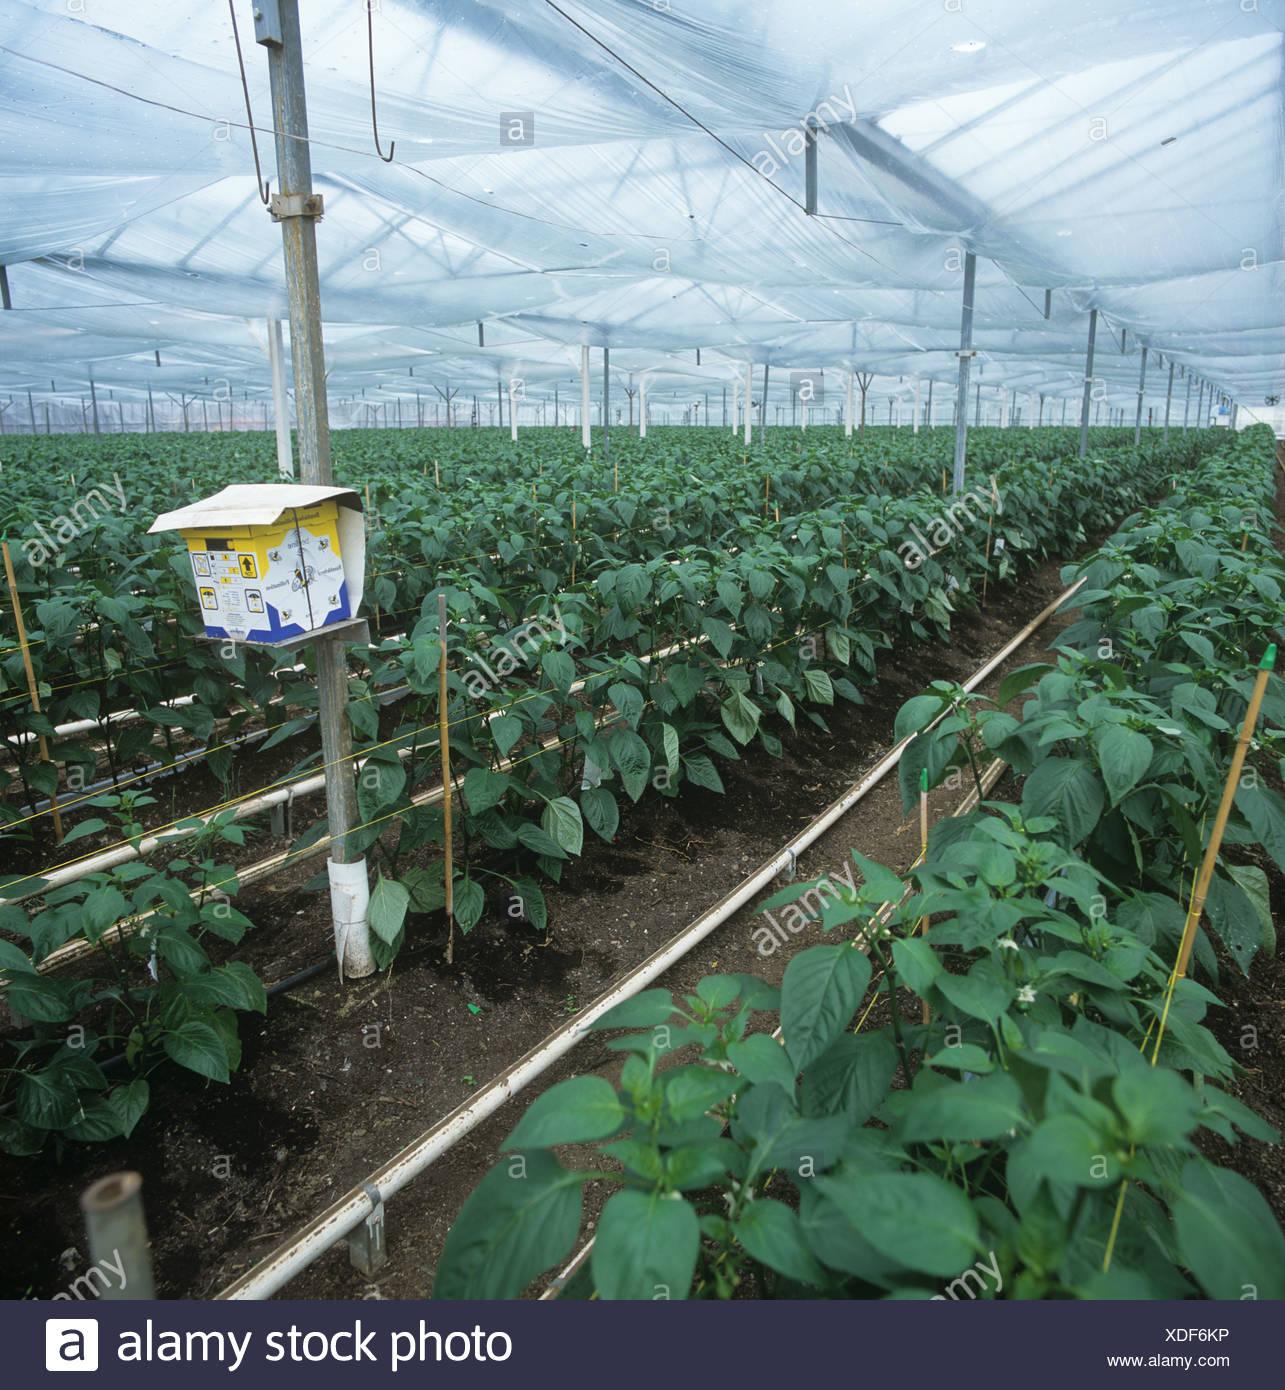 Bumblebee cuadro orgánico comercial en pimiento en cultivo en invernadero Imagen De Stock